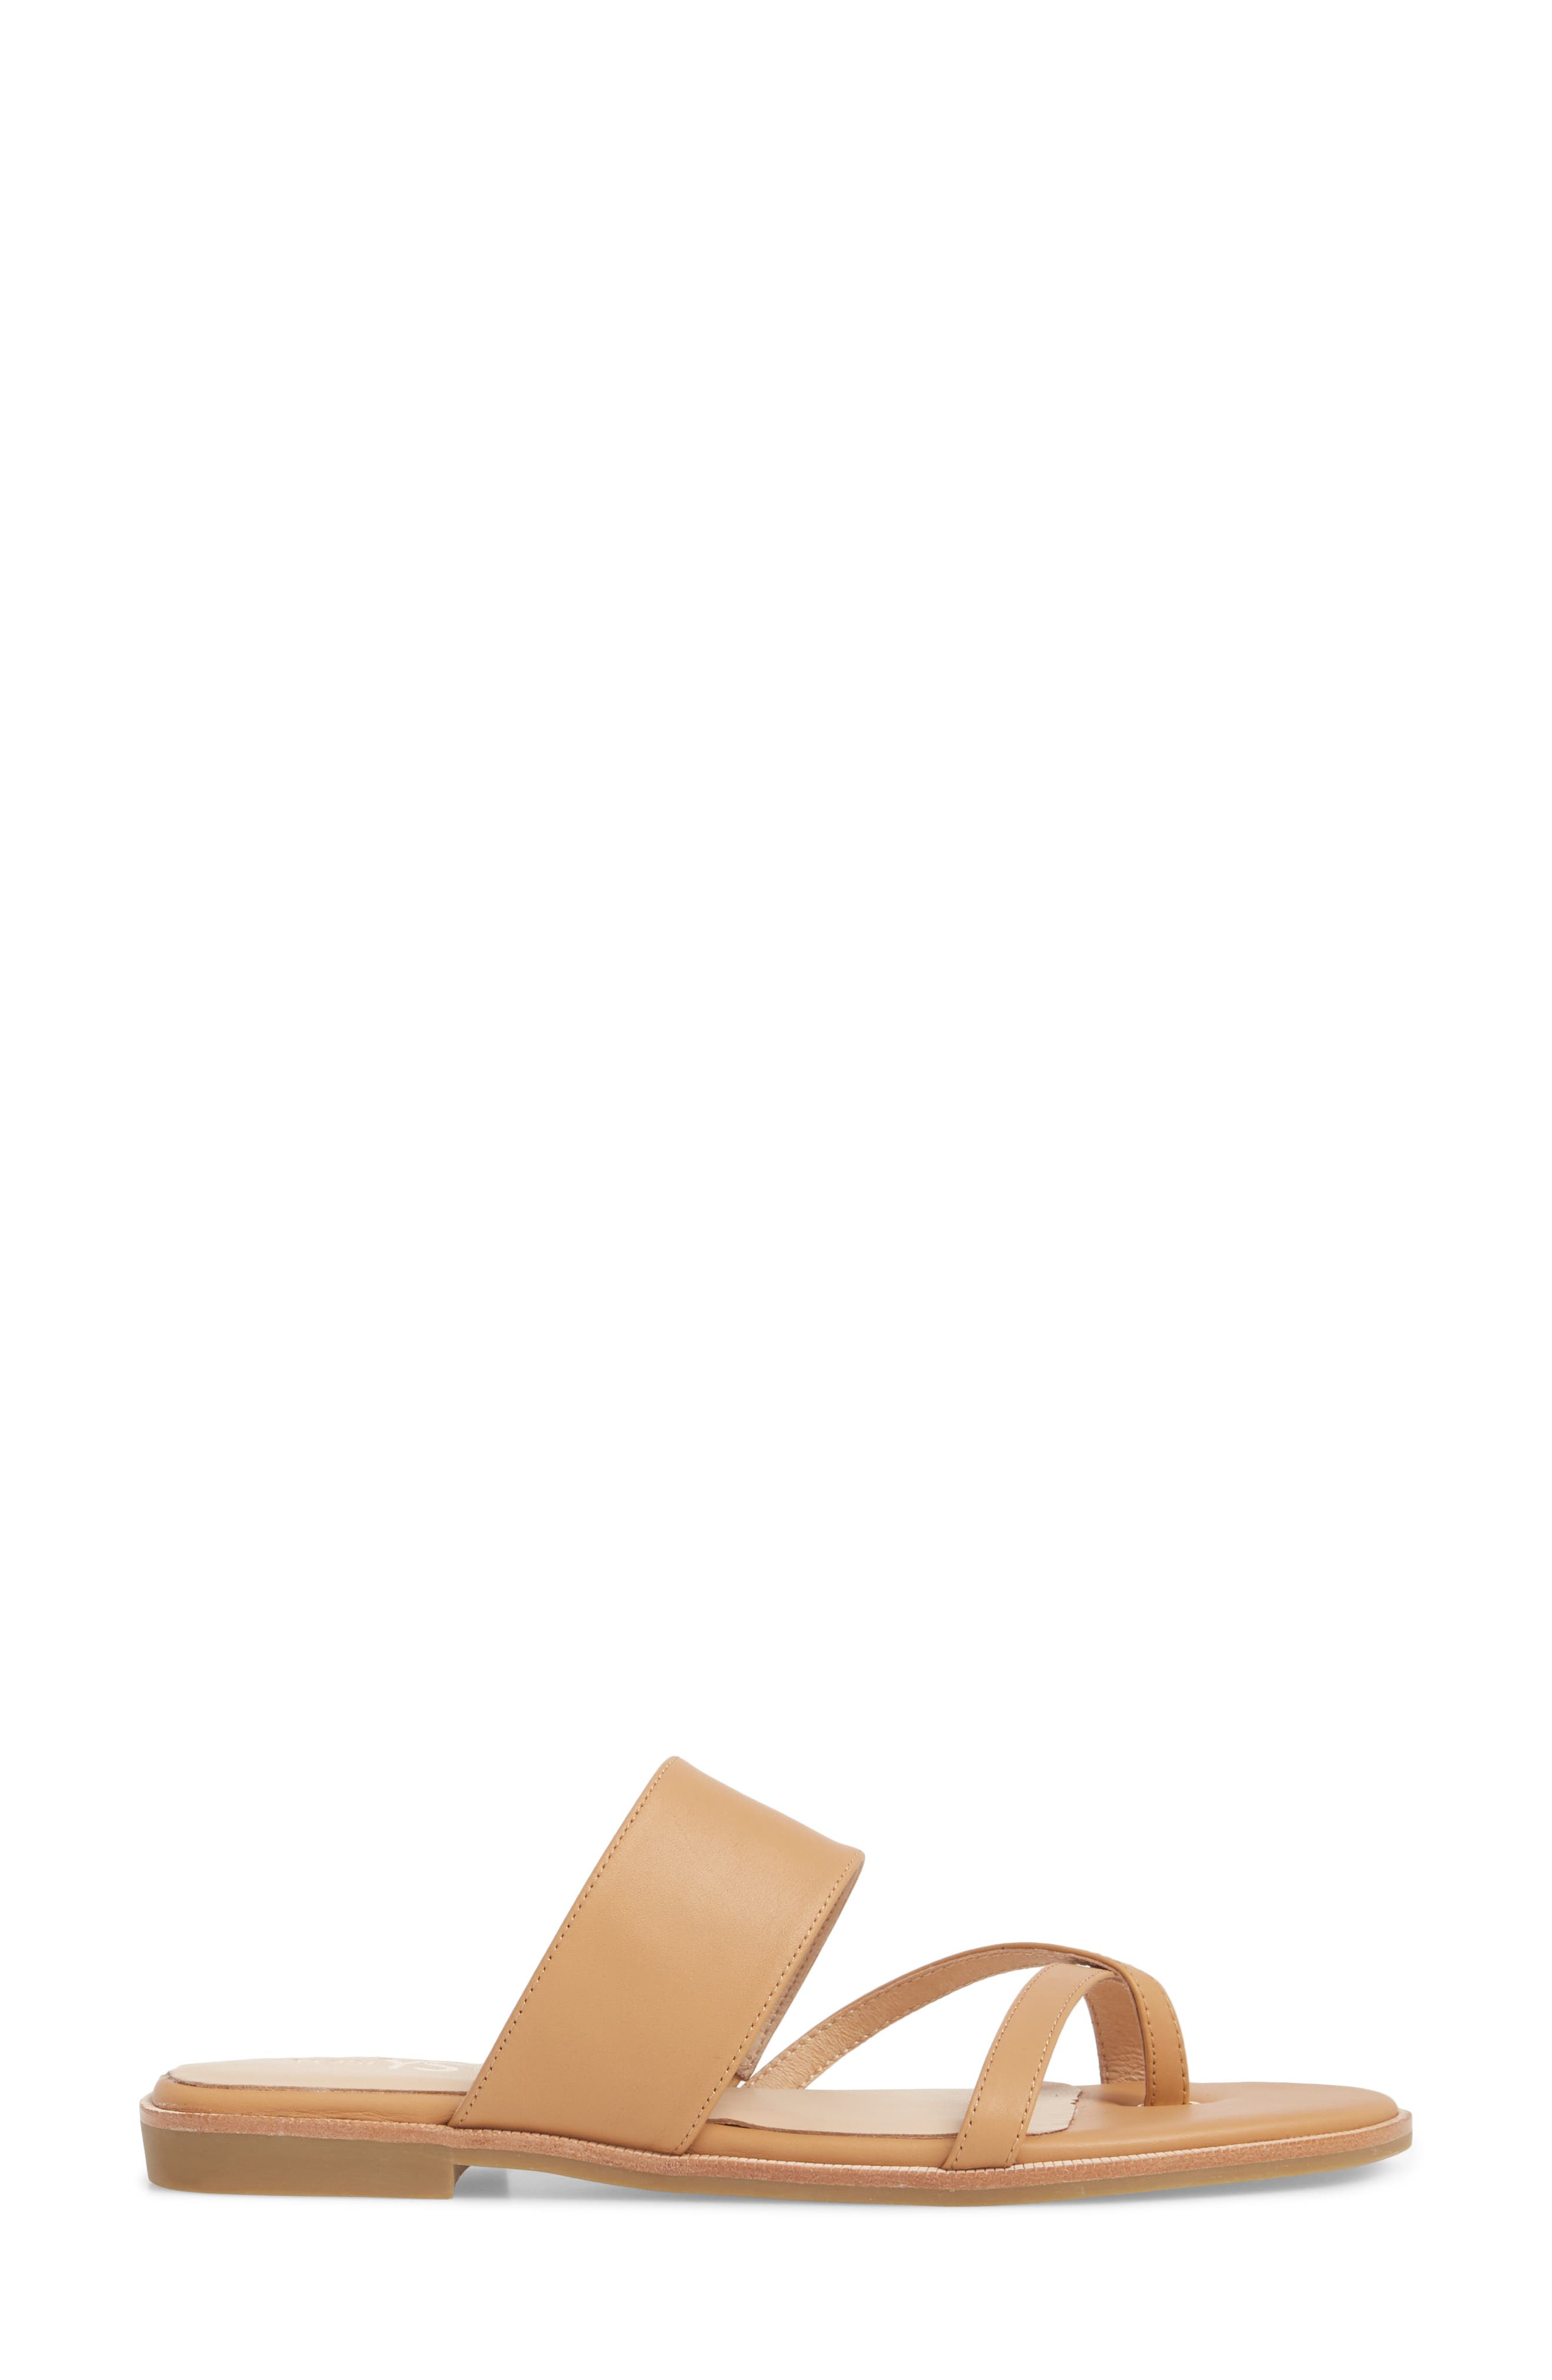 Carina Slide Sandal,                             Alternate thumbnail 3, color,                             Whiskey